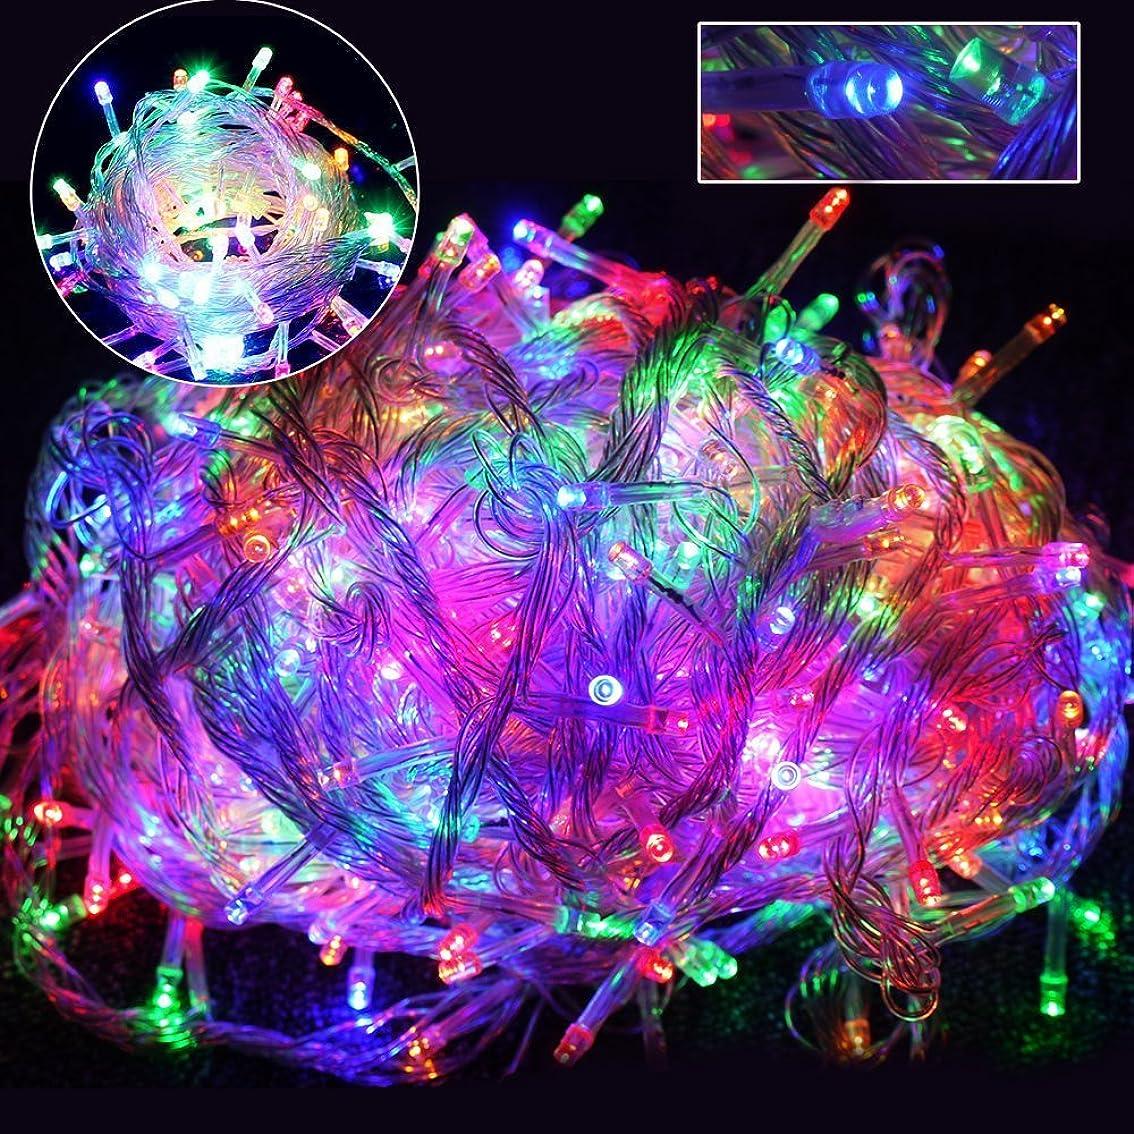 撃退する冒険者限界GOODGOODS LED イルミネーション ライト クリスマス 飾り LED電飾 ミックスカラ- 500球30m×2個セット メモリー機能搭載 防水 LD66 RGB